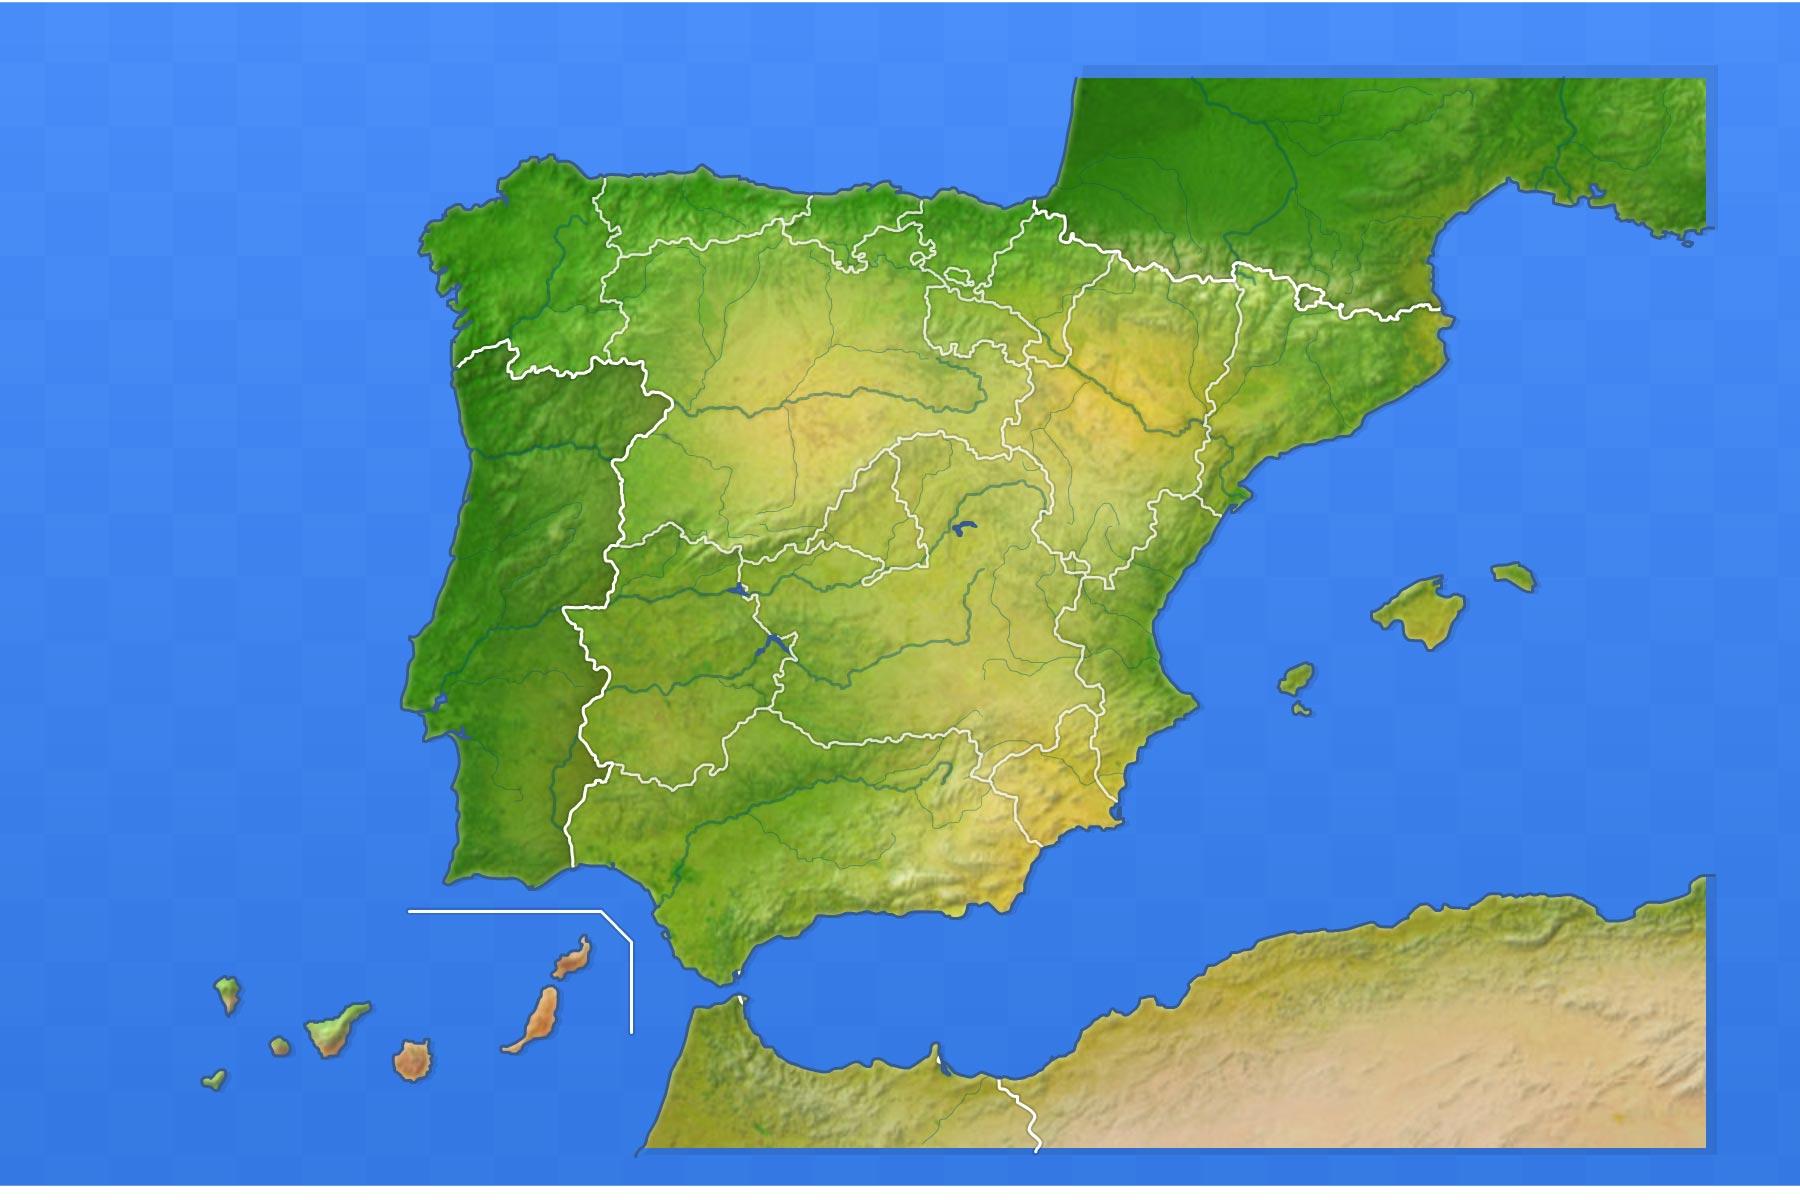 Jeux-Geographiques Jeux Gratuits Jeu Villes D Espagne tout Jeu Villes France